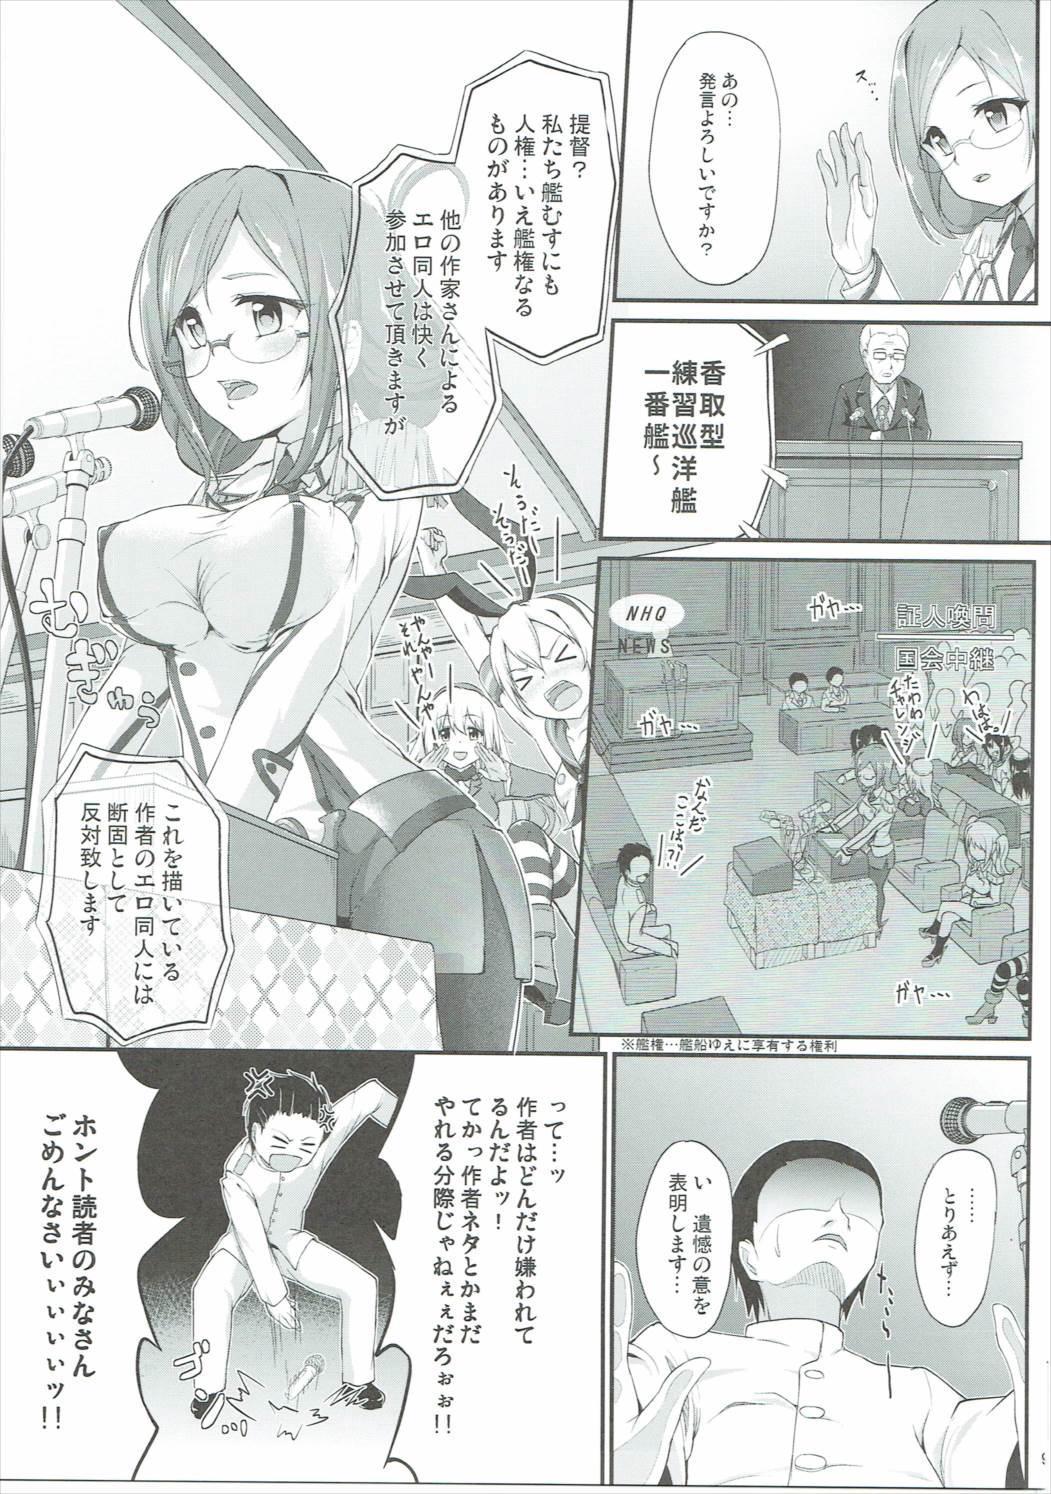 Renjun no Tsukaimichi 7